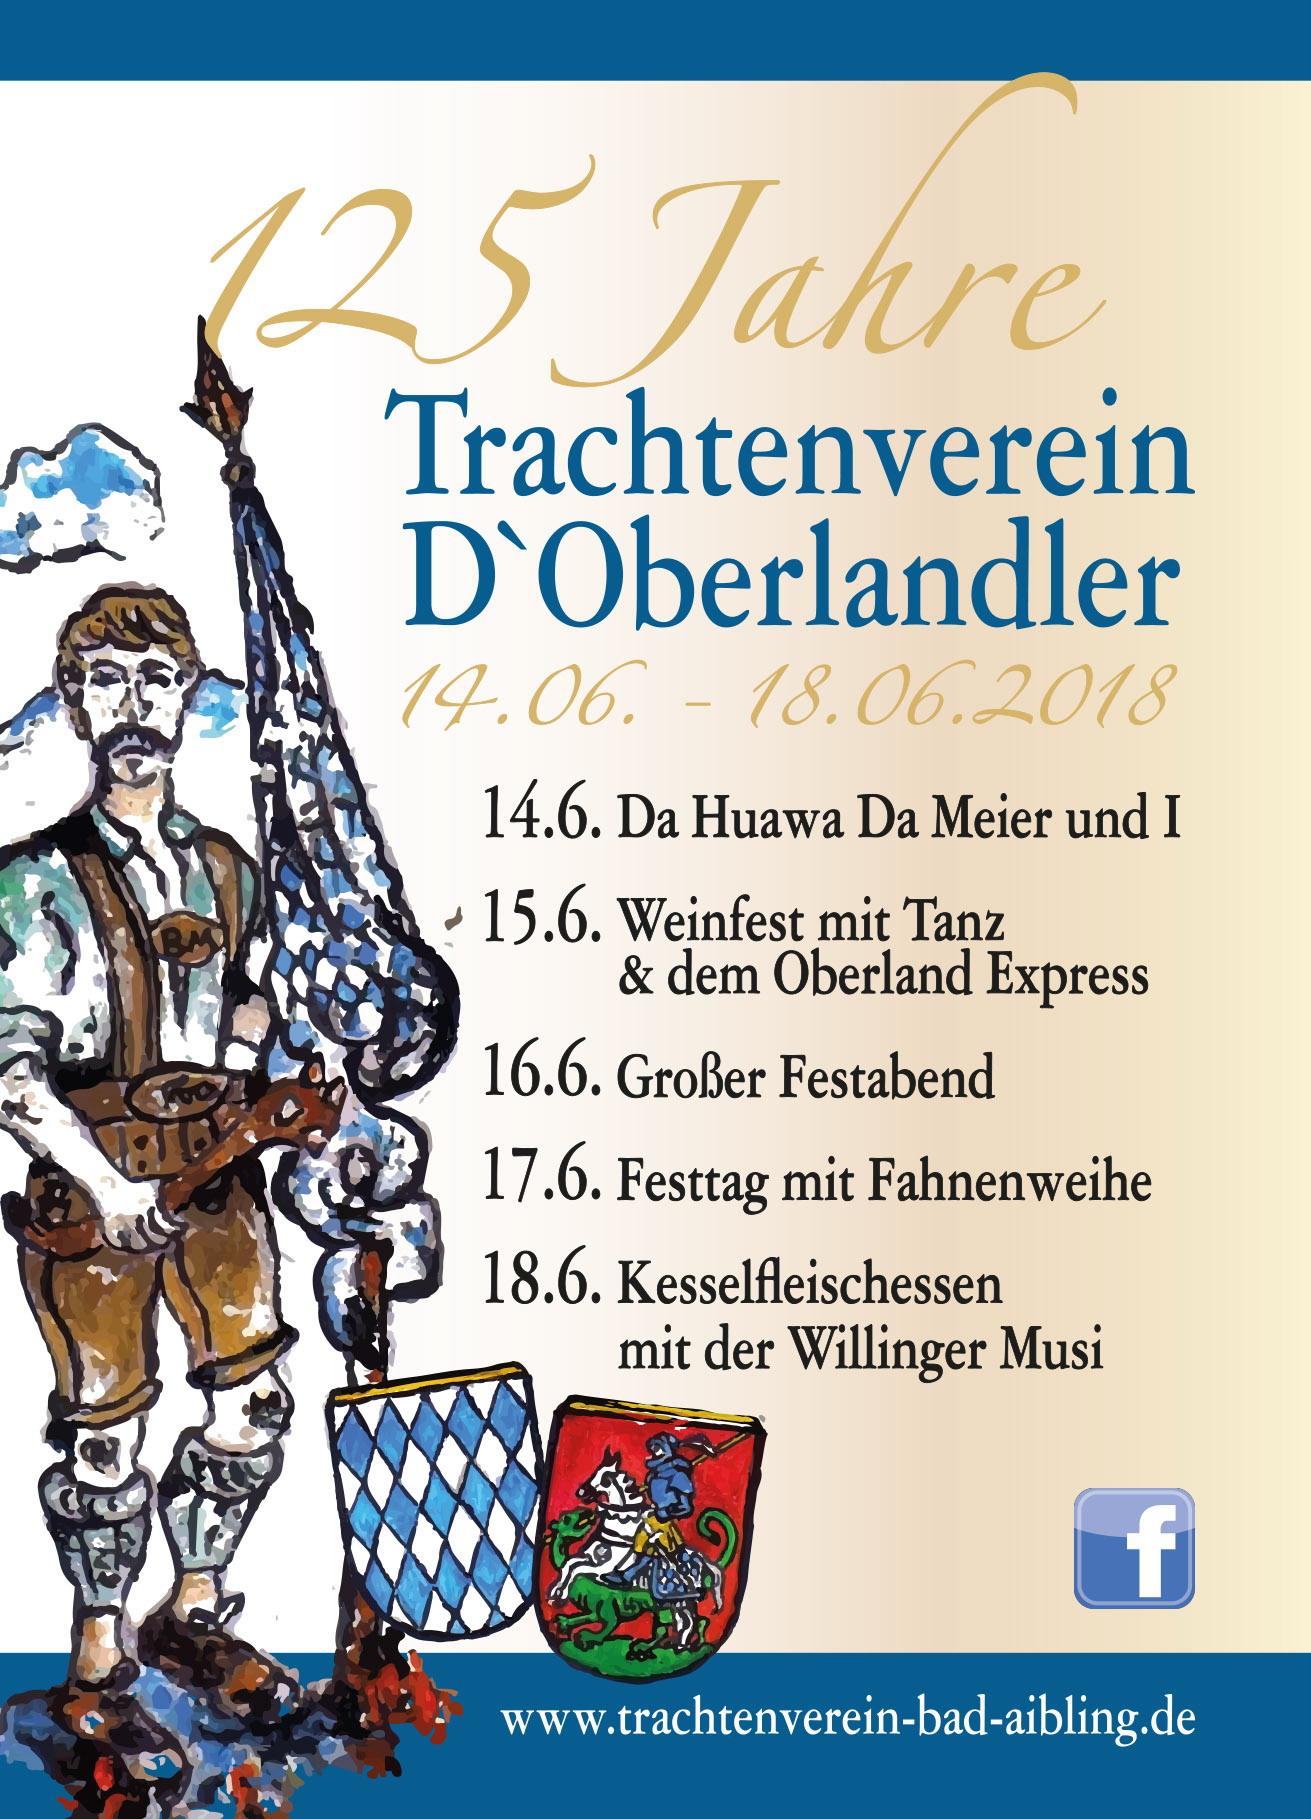 Flyer_Oberlandler_125